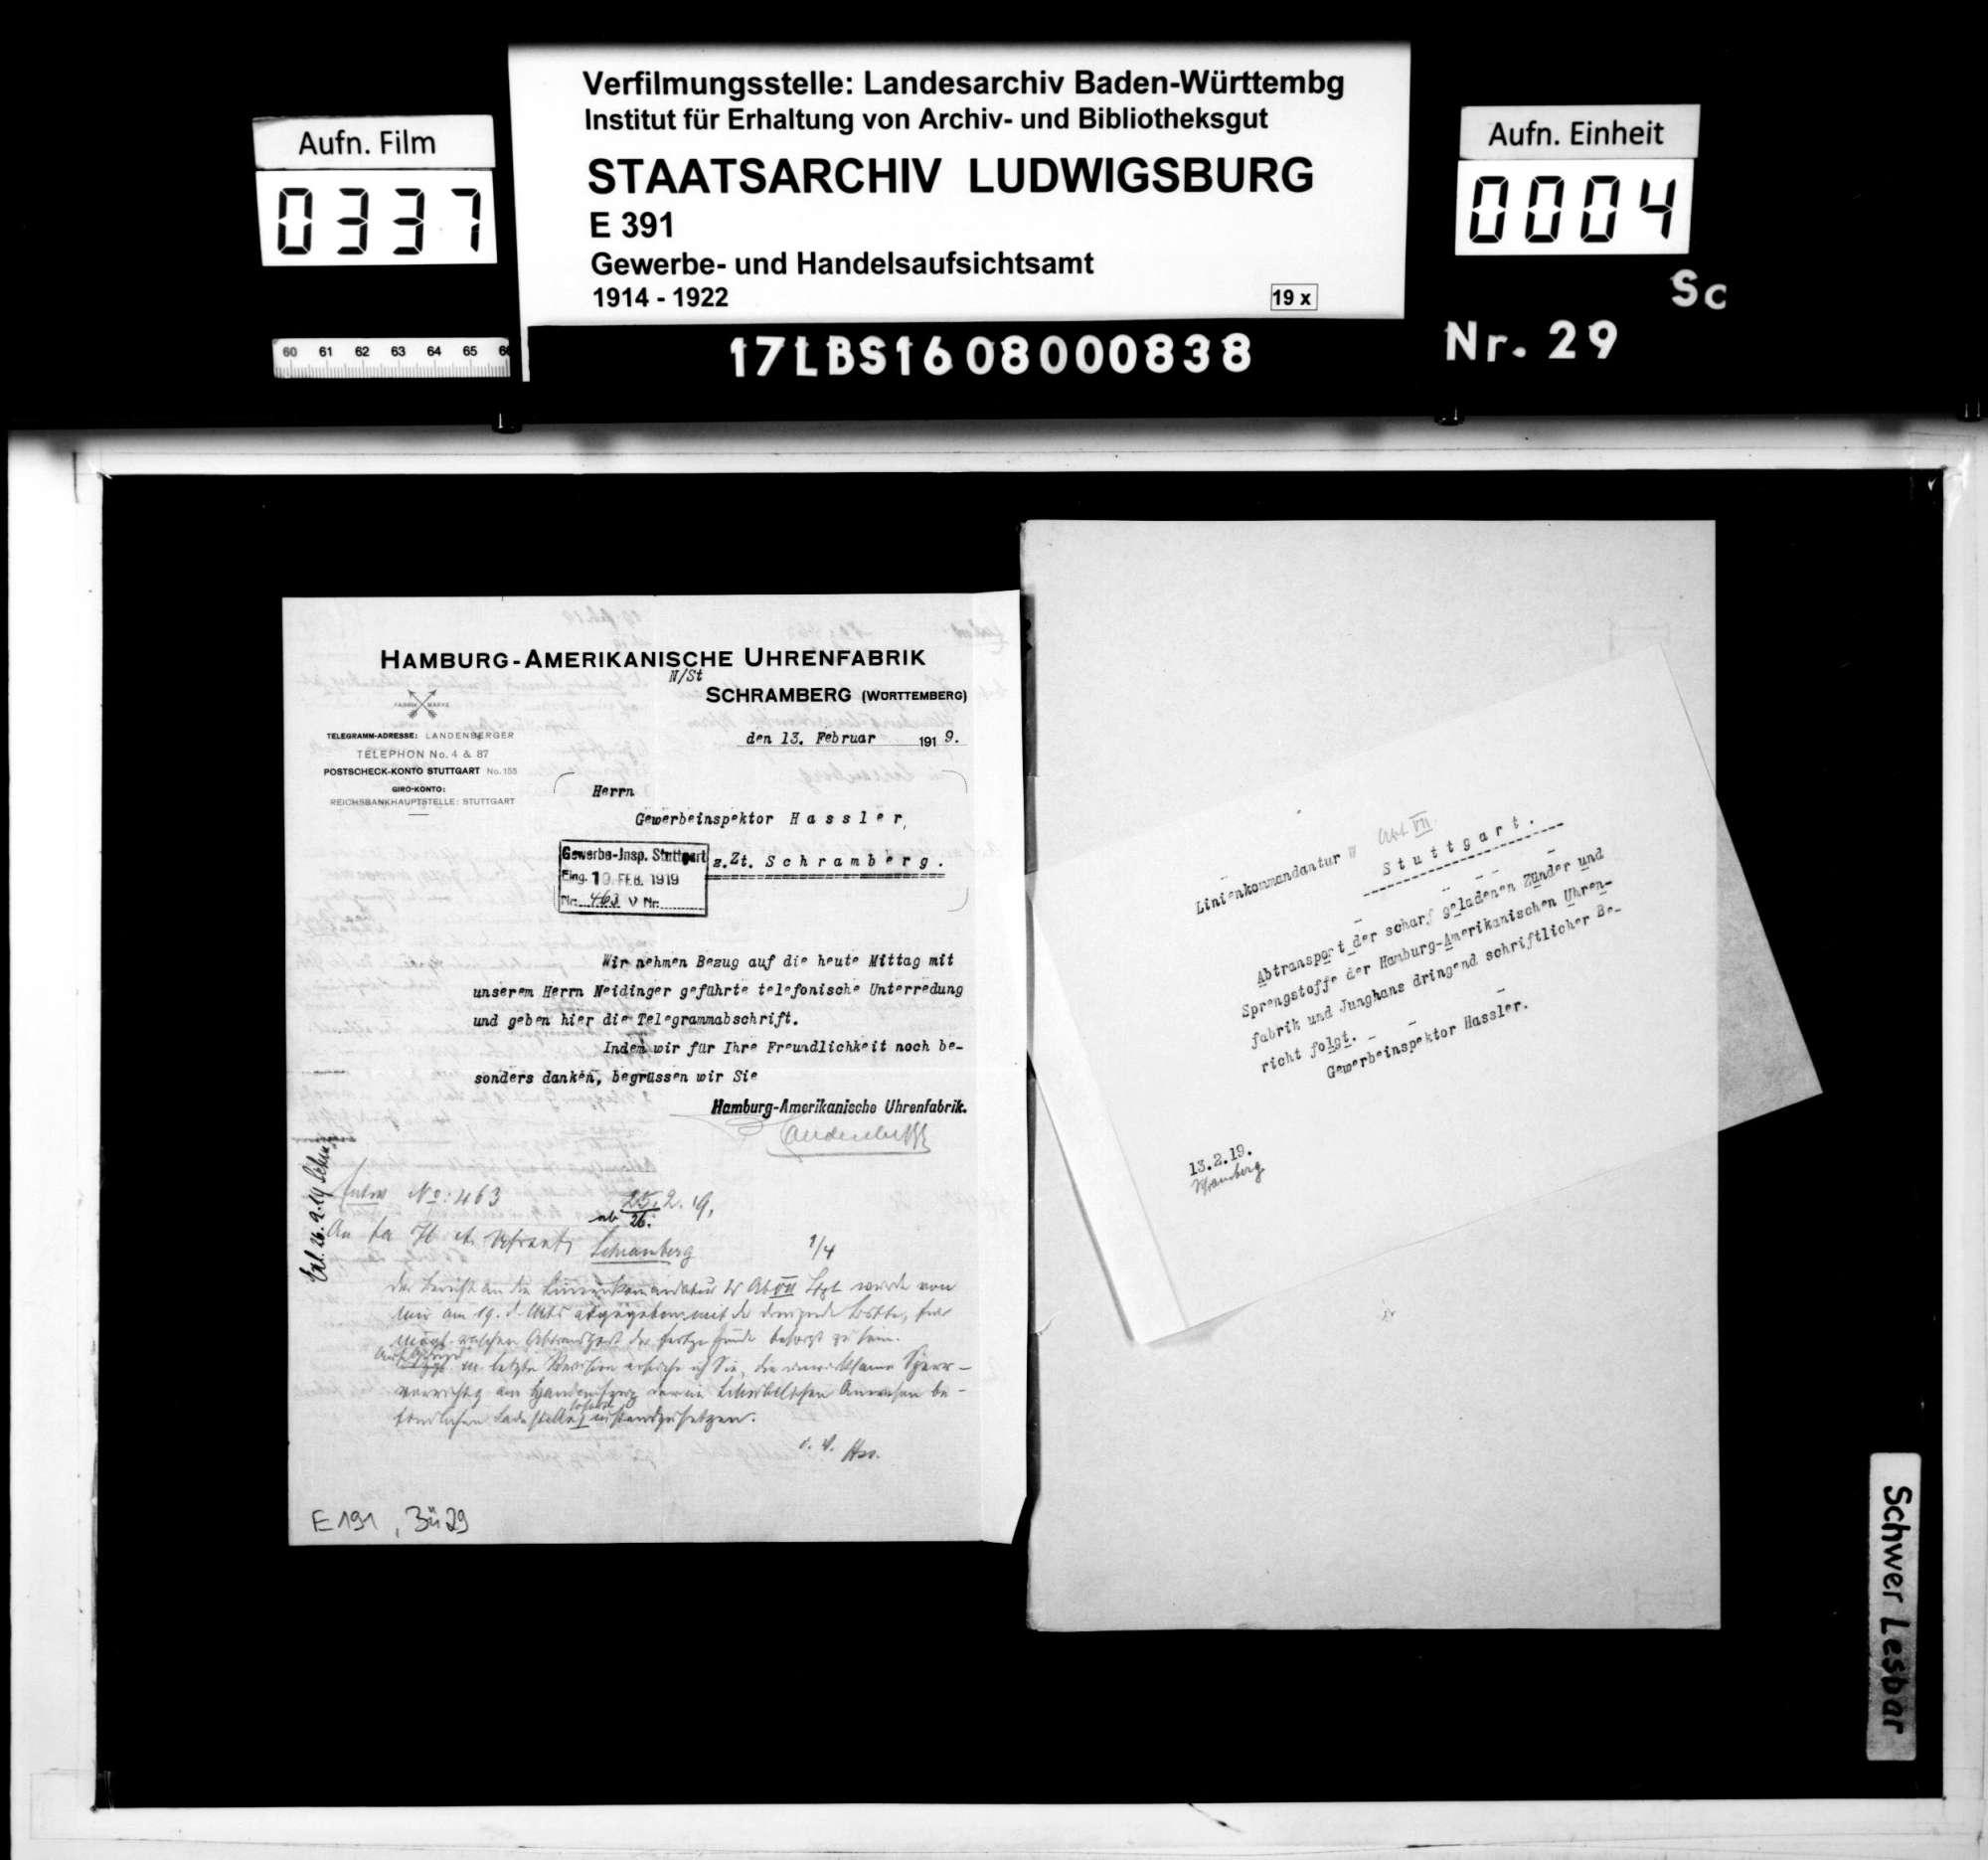 Hamburg-Amerikanische Uhrenfabrik, Schramberg: Herstellung von Geschoßzündern, Bild 2